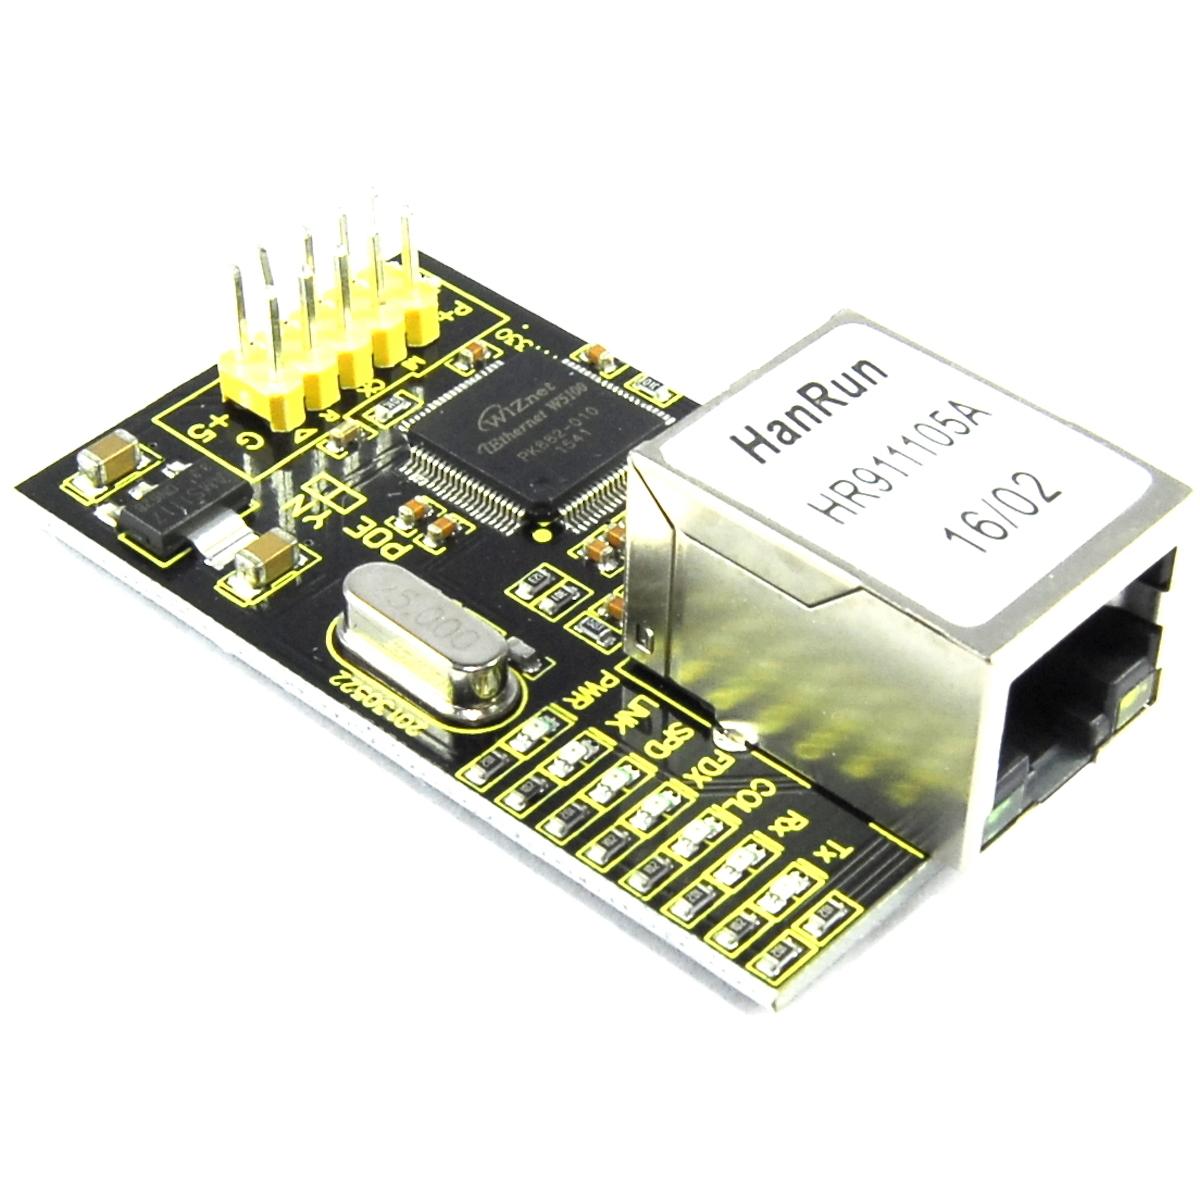 Keyestudio W5100 Ethernet Breakout Module KS-148 RJ45 SPI Arduino Flux Workshop